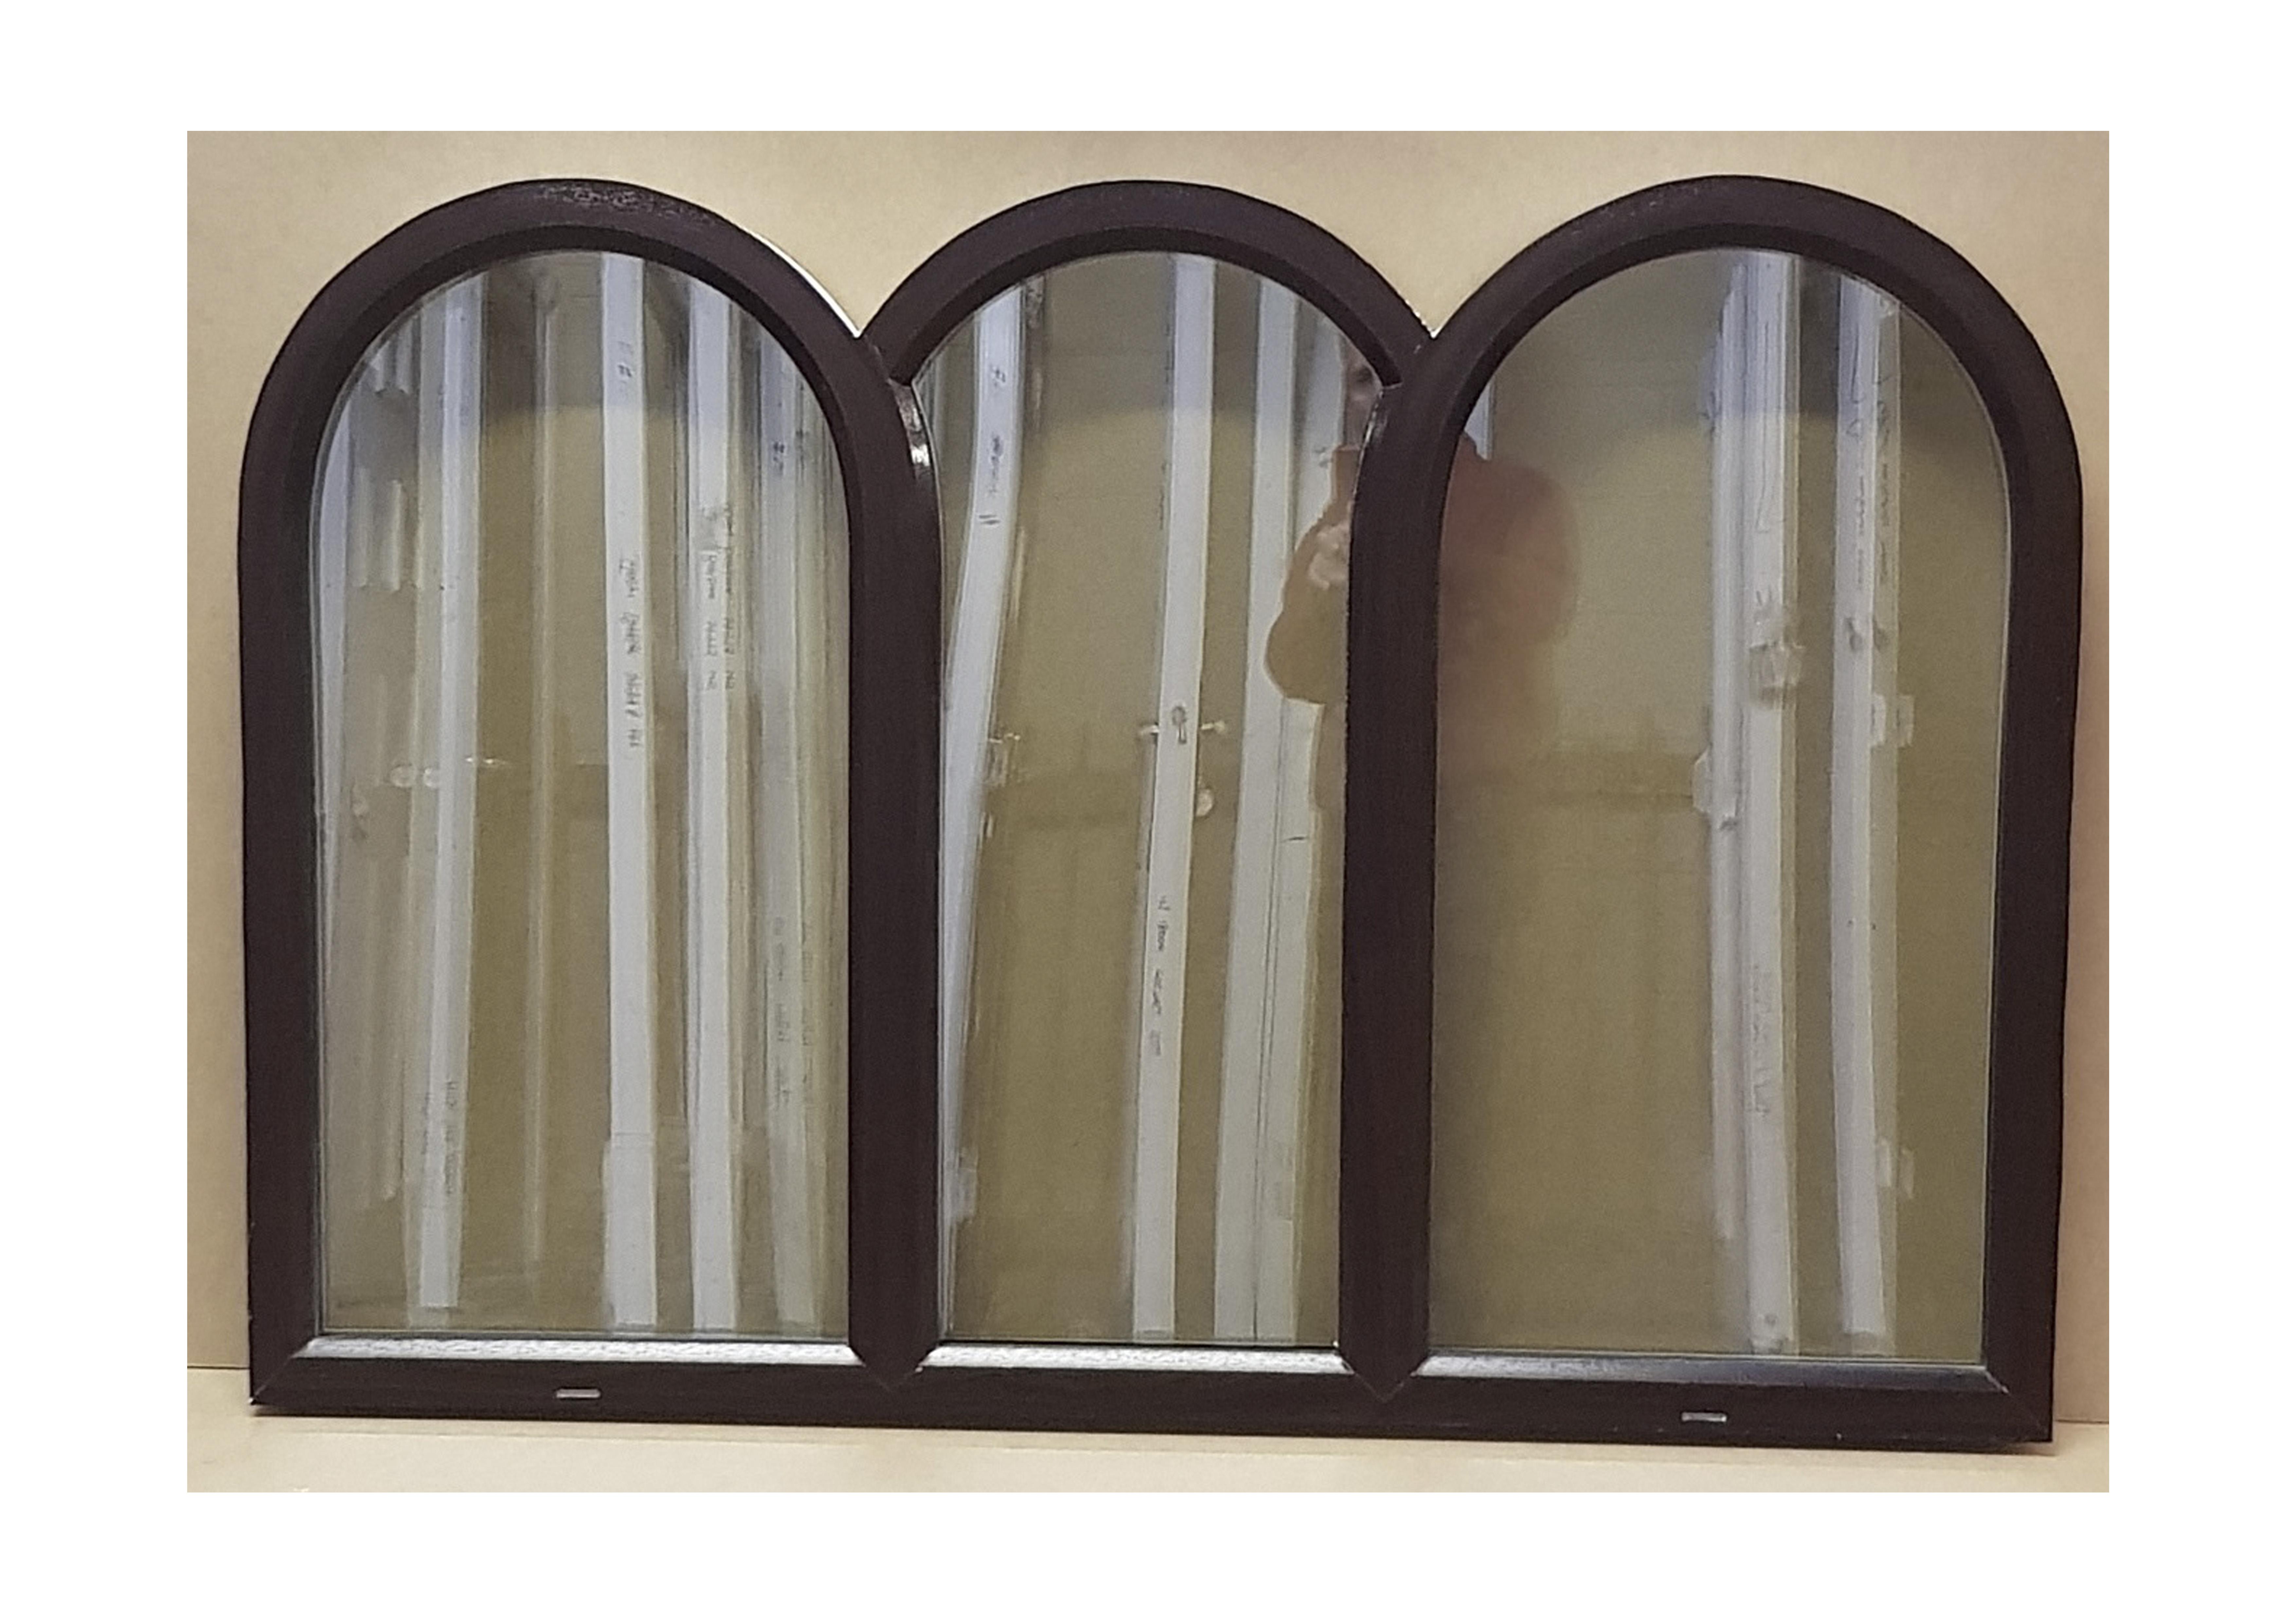 Bespoke Window Designs from Force 8